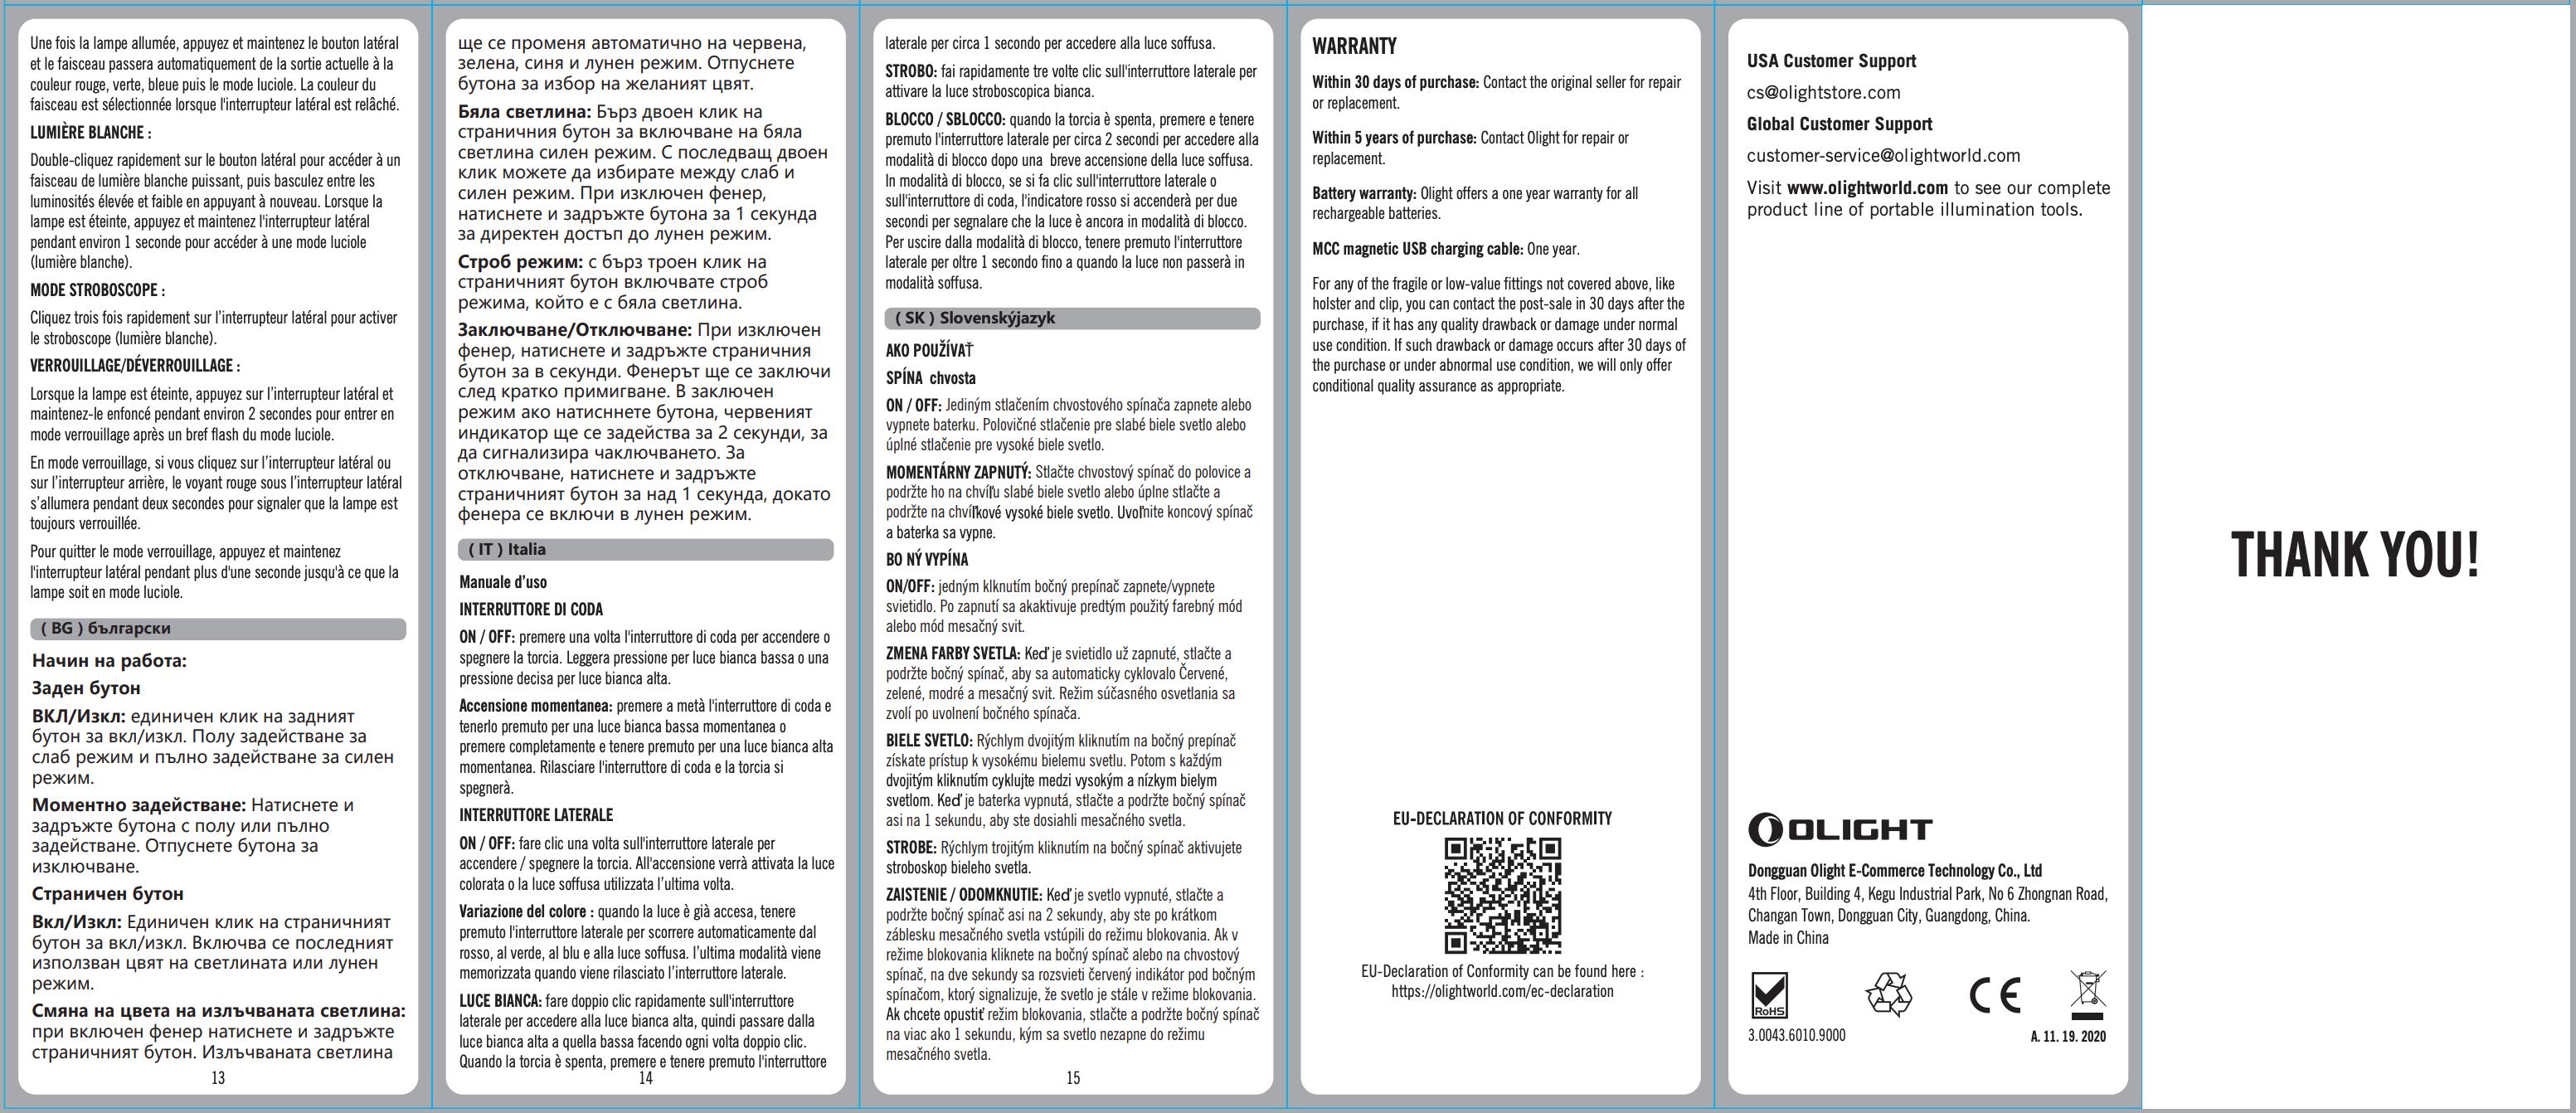 olight freyr rgb flashlight manual 4